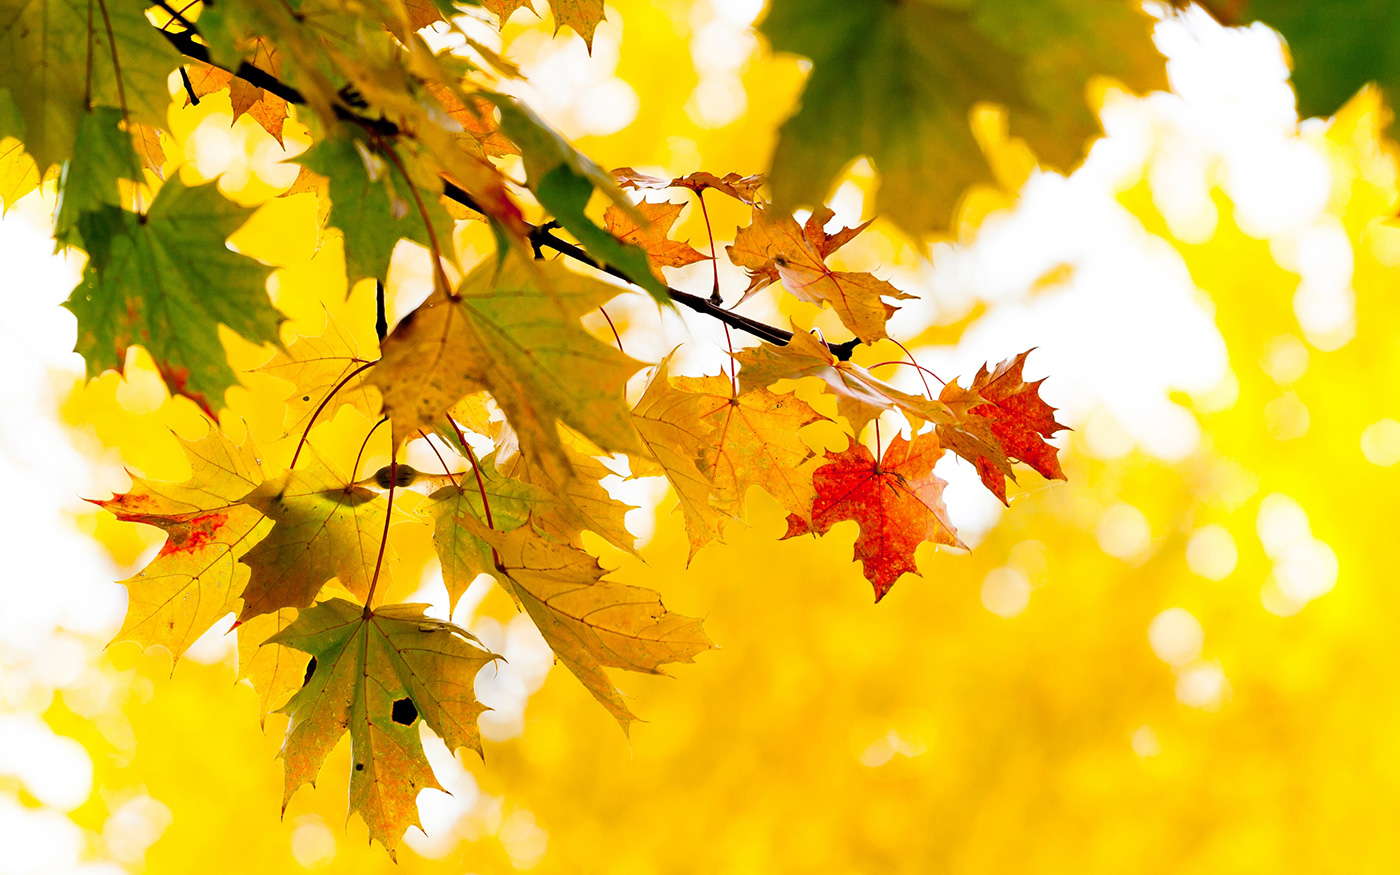 Погоду без осадков обещают синоптики 15 ноября в Казахстане